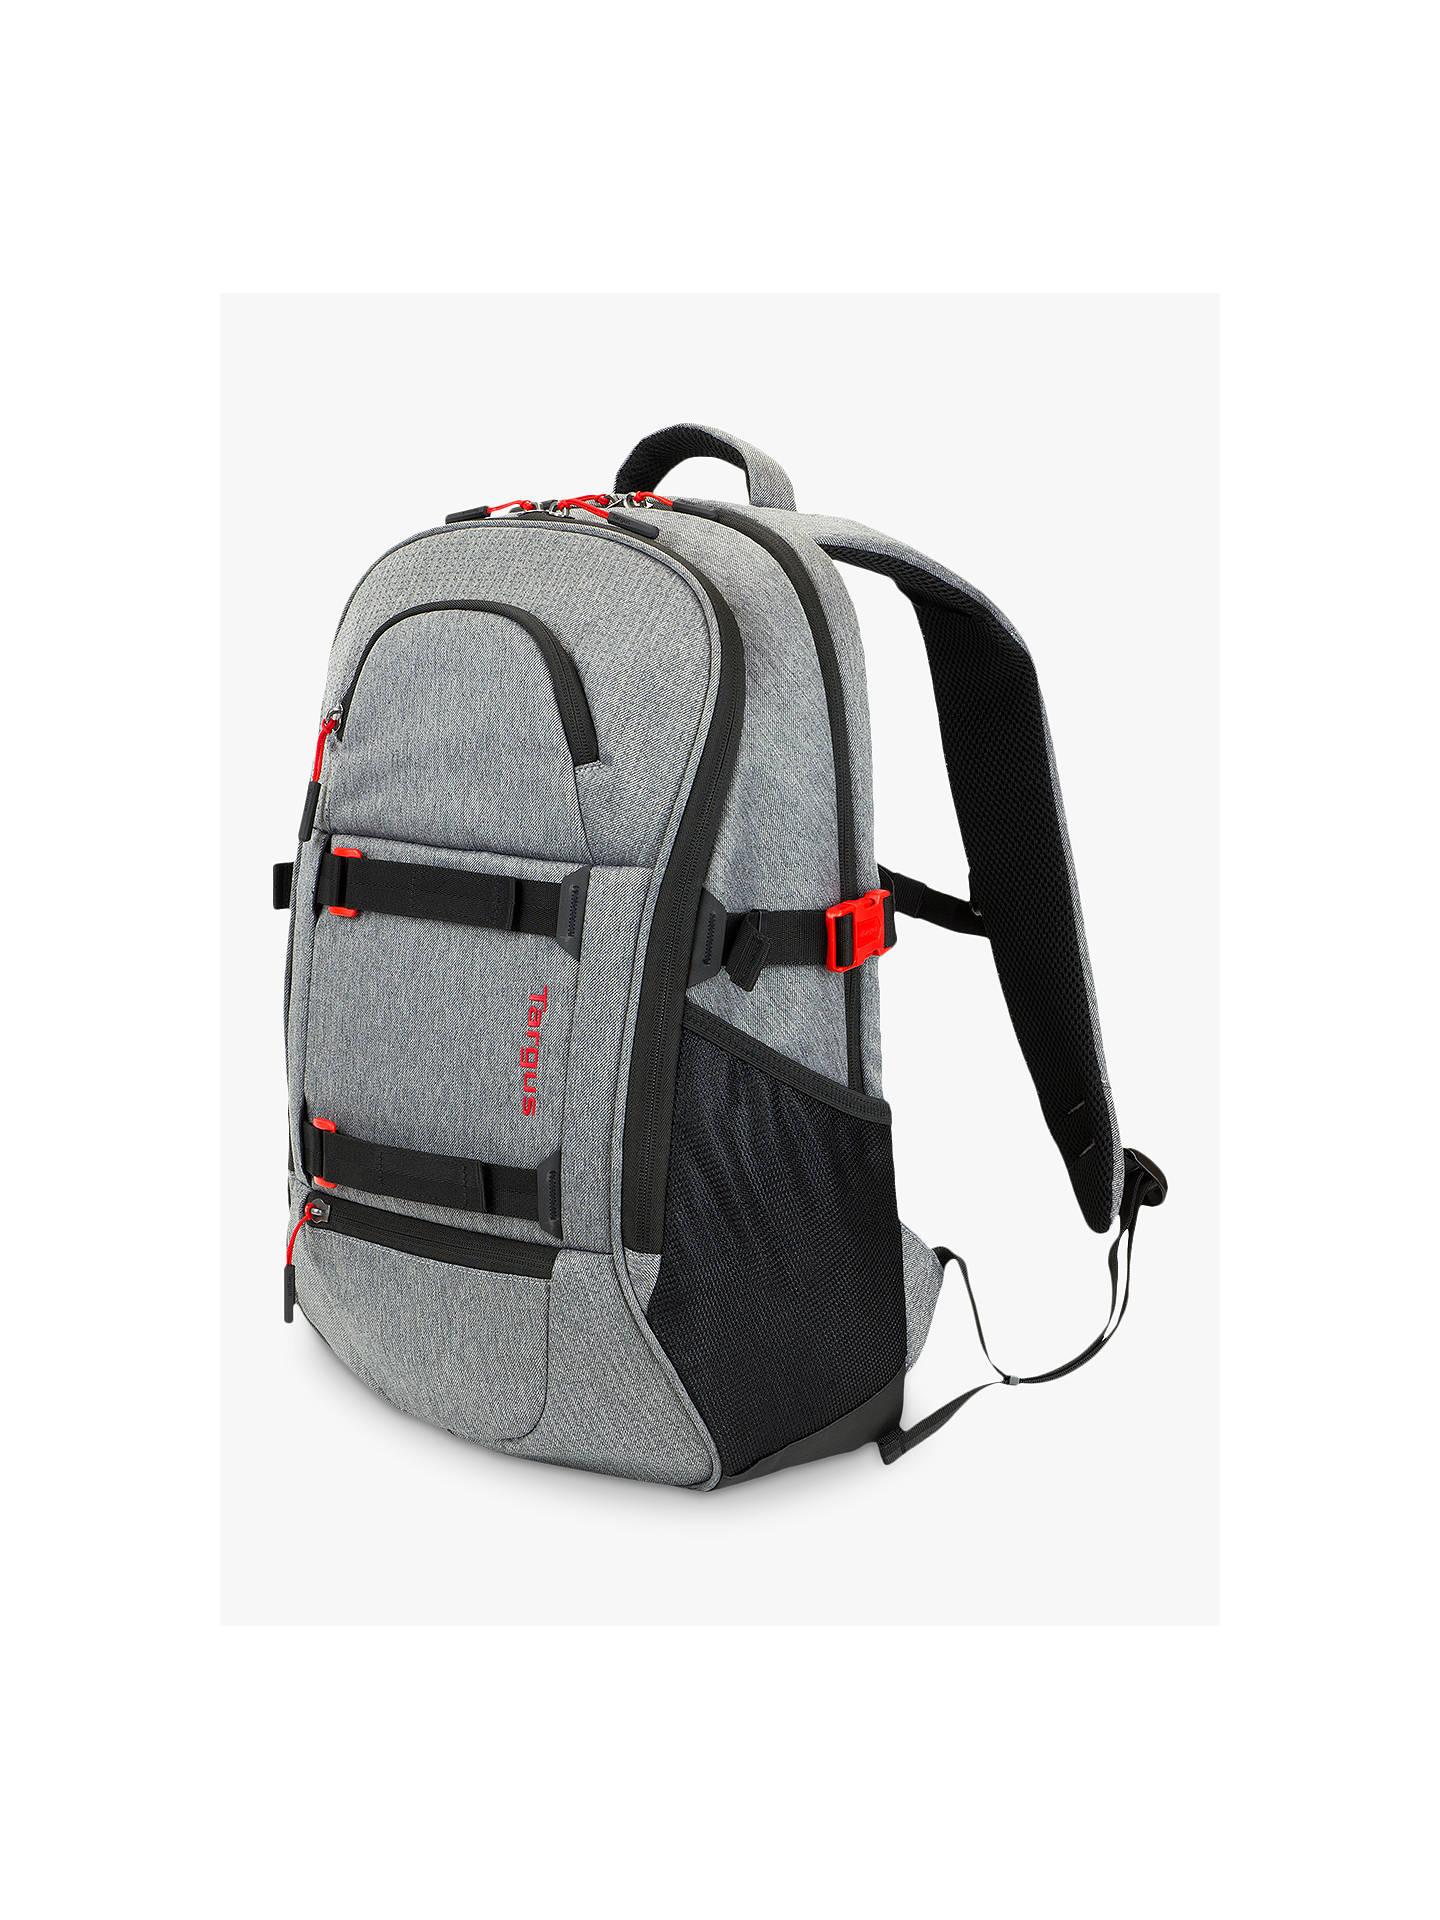 02e0b469284b BuyTargus Urban Explorer Backpack for 15.6